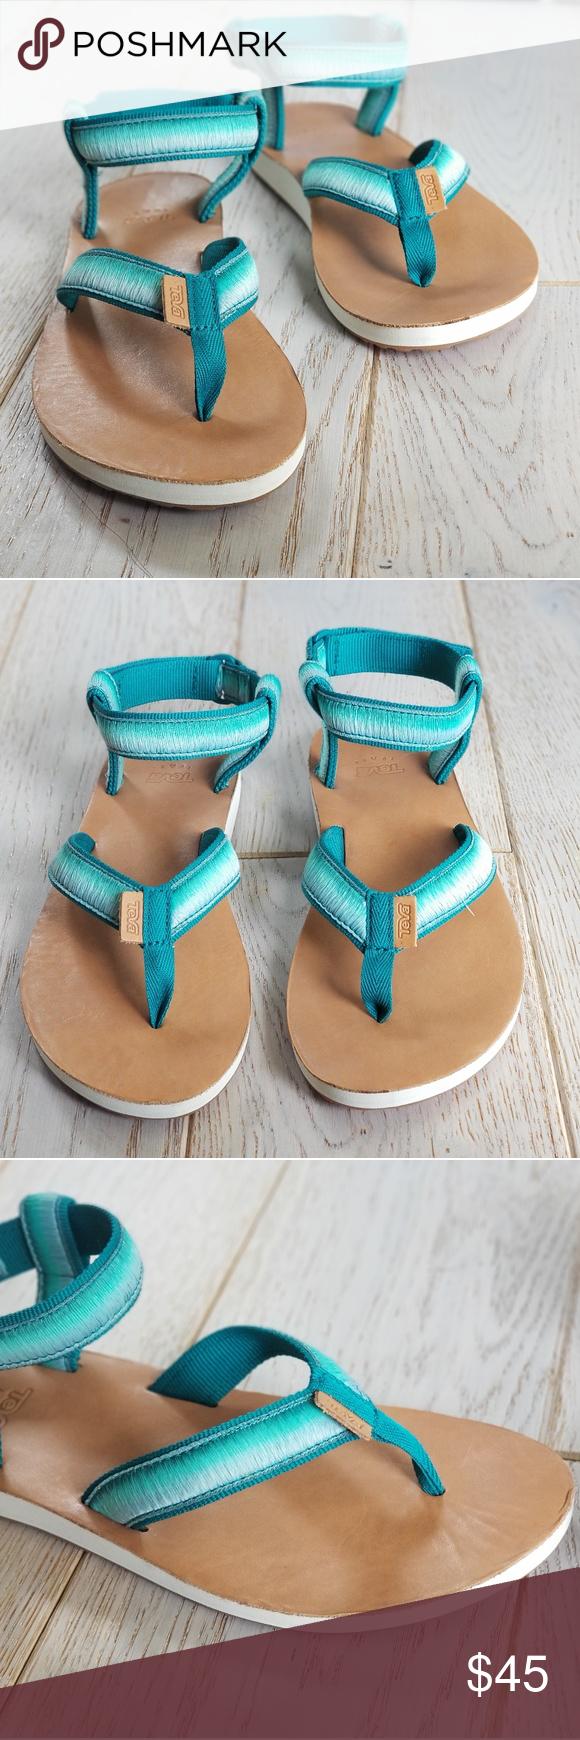 TEVA Teal Ombre Original Sandals womens size 8